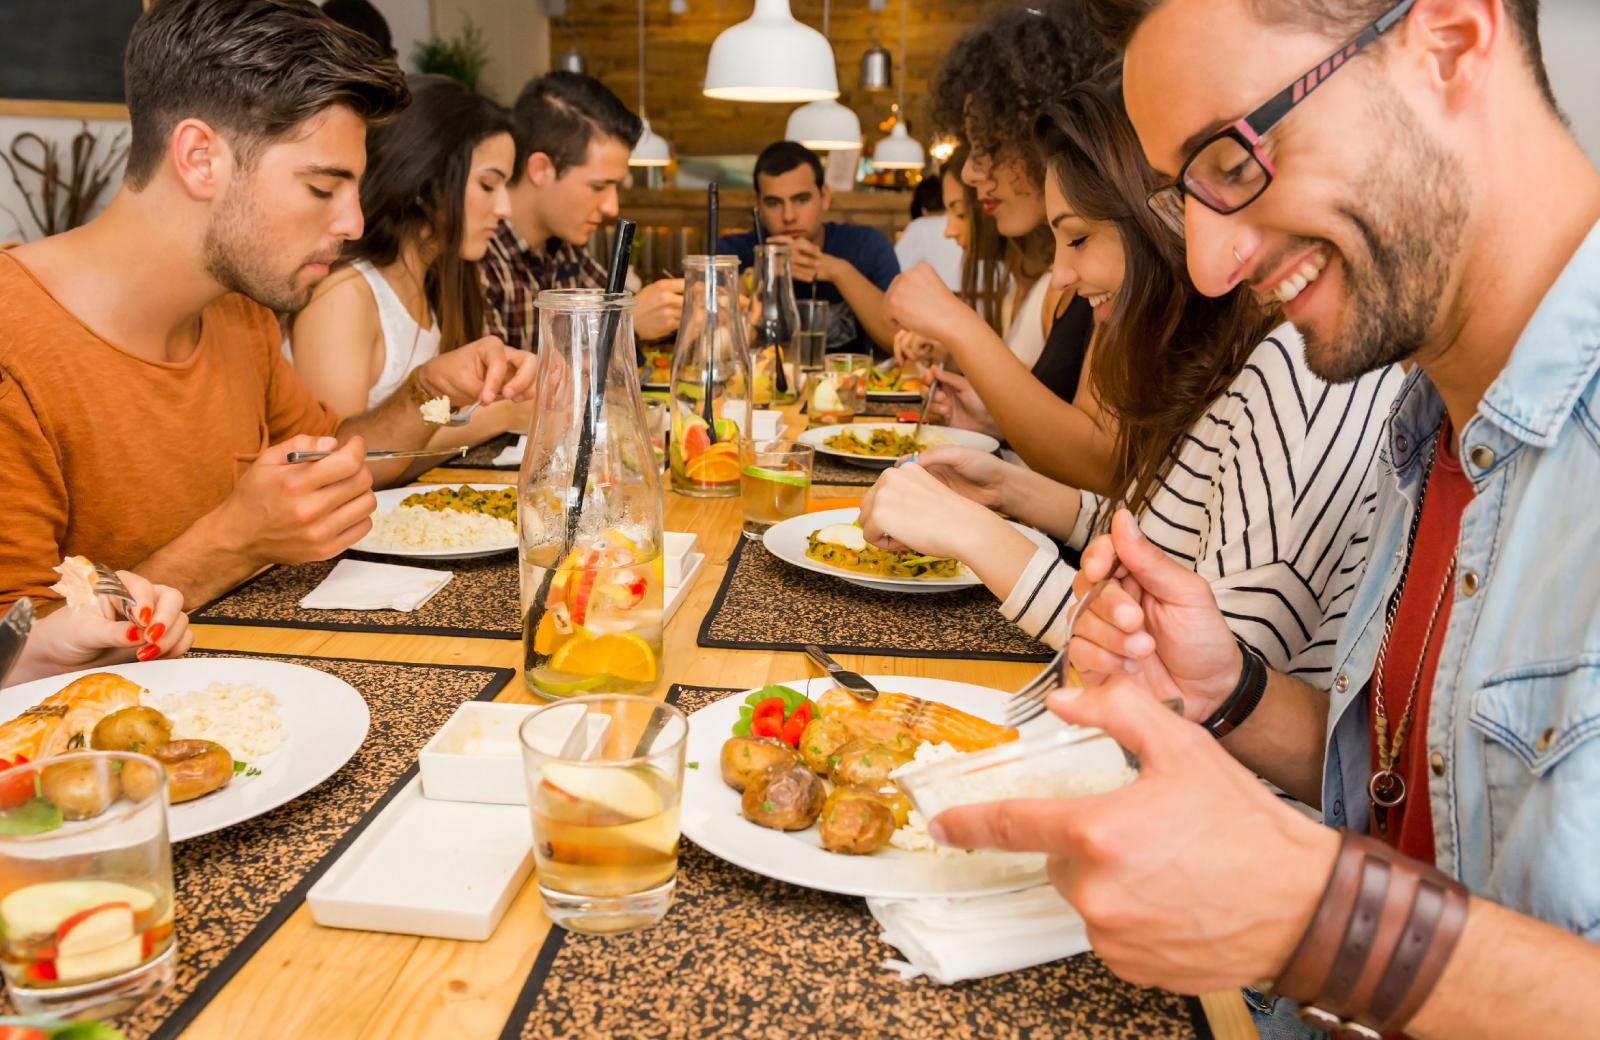 Top 10 Dining Spots in Pleasanton